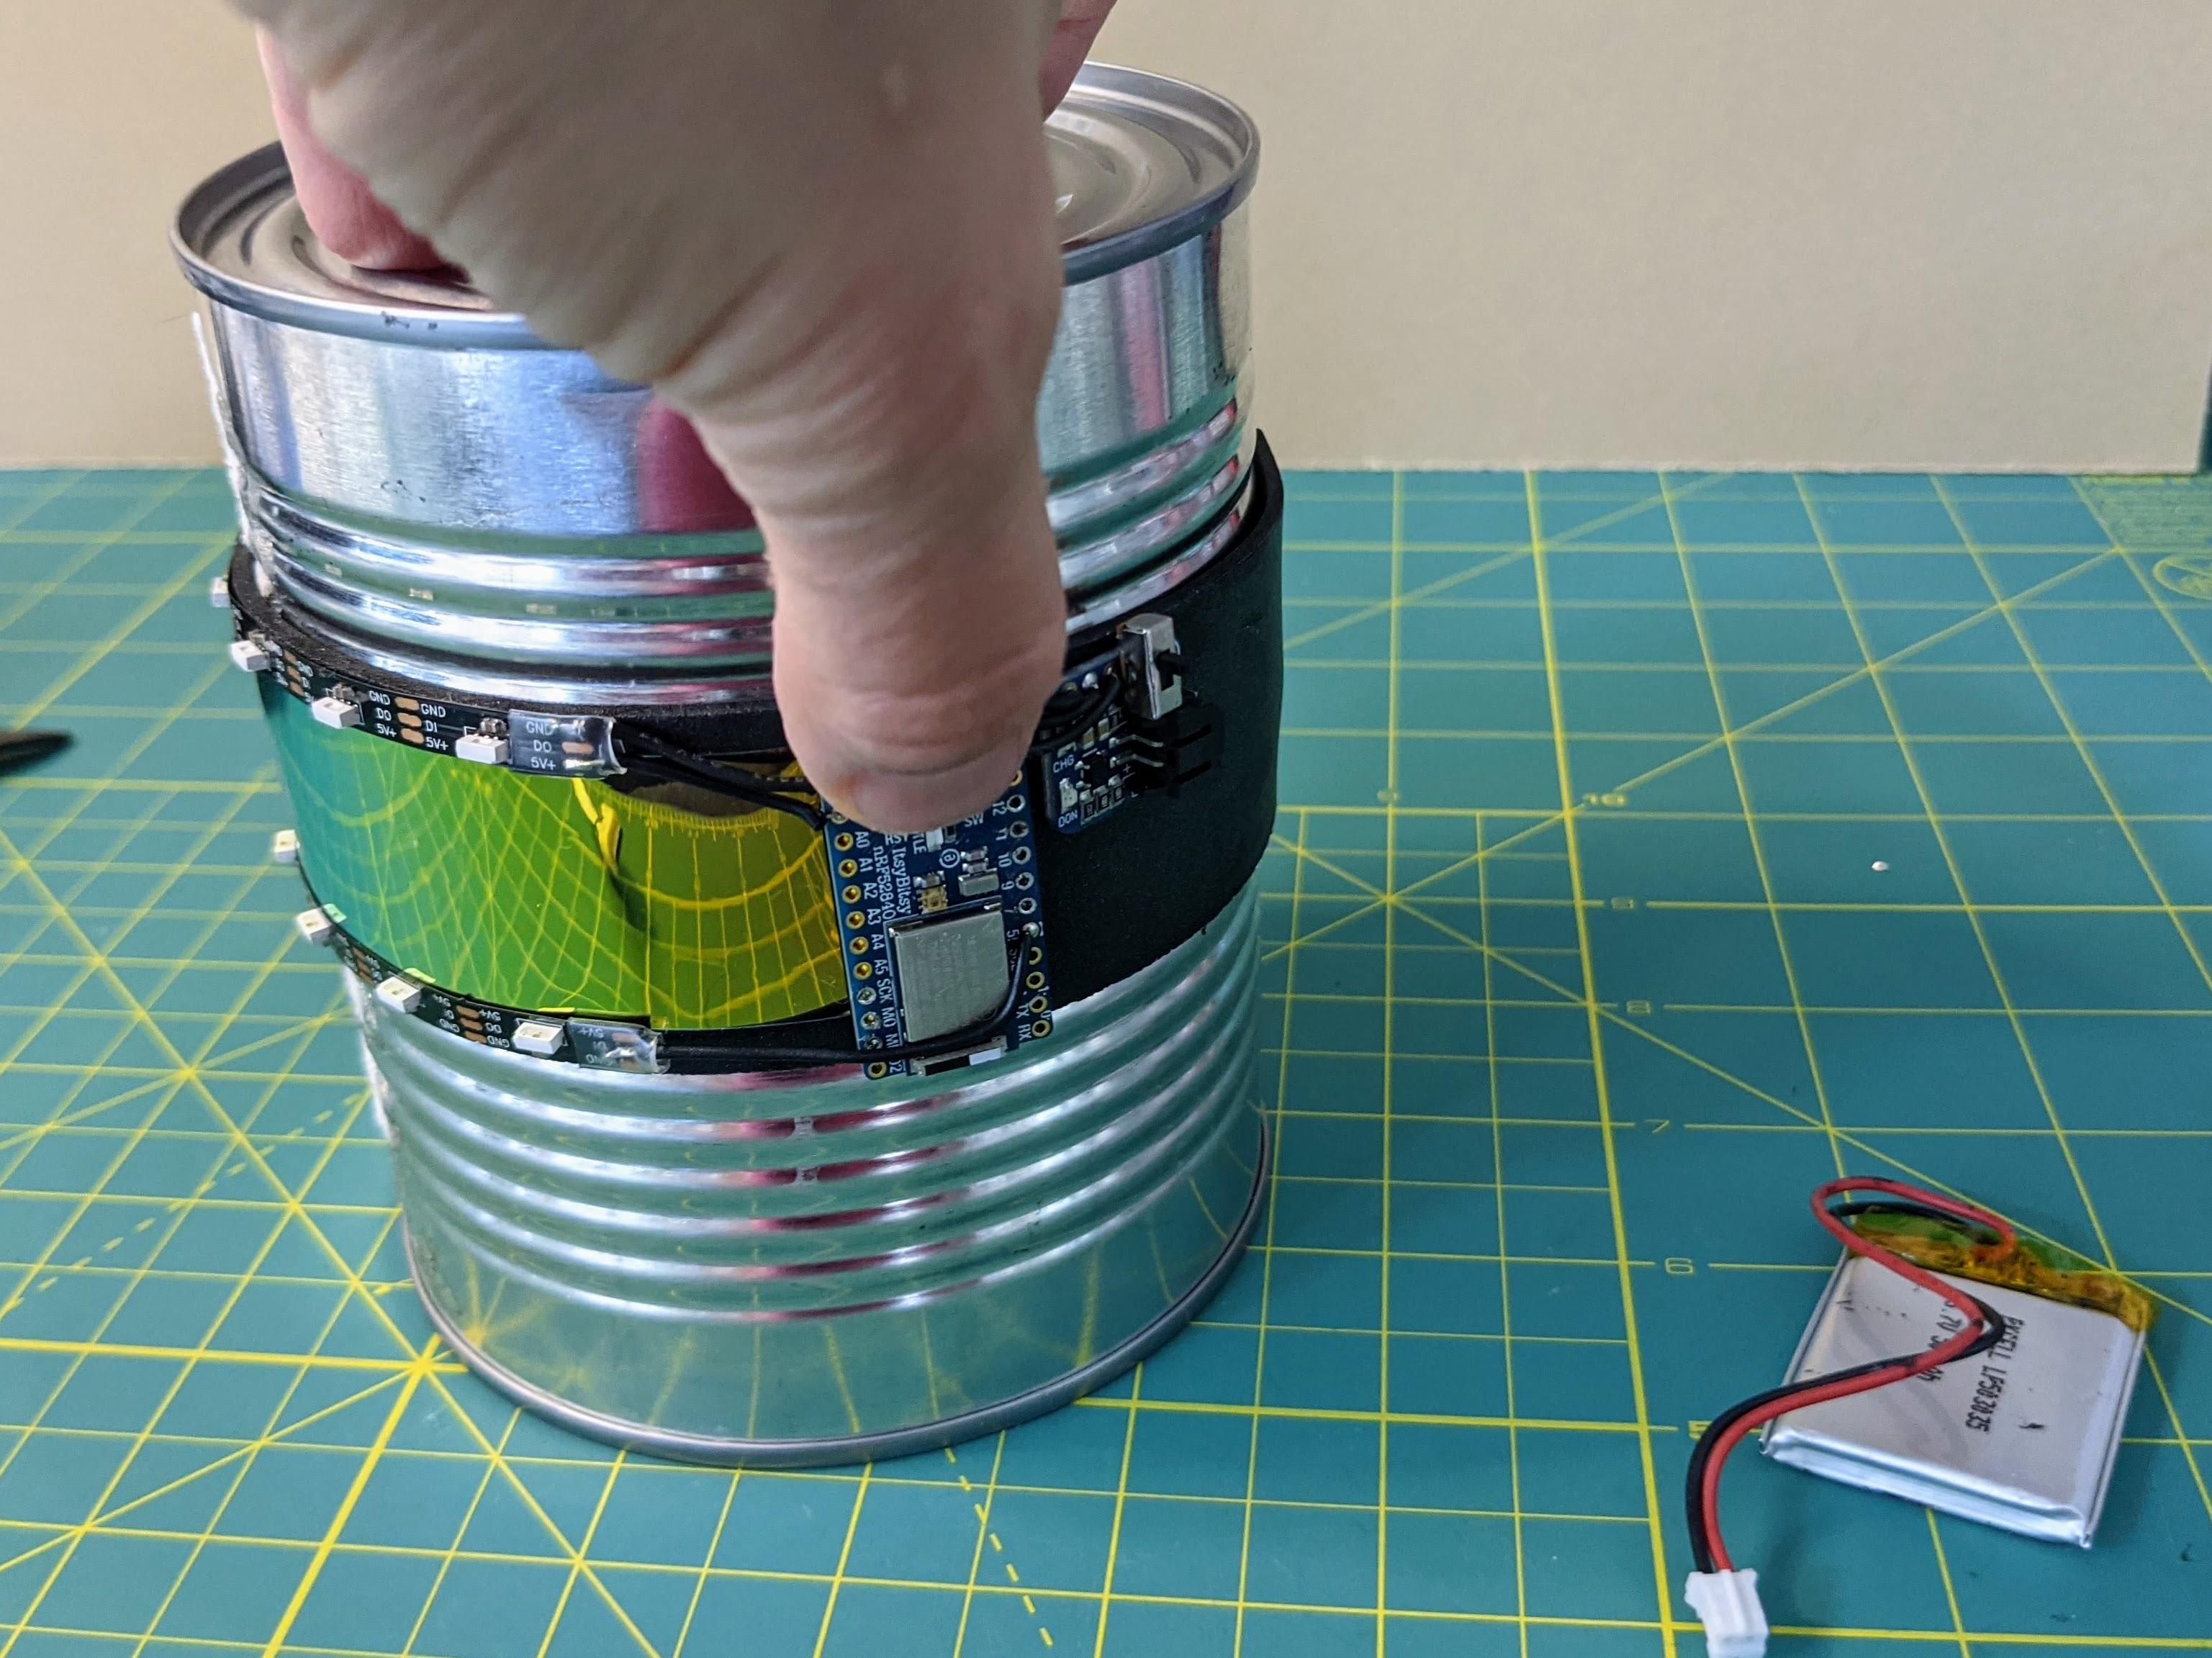 led_strips_PXL_20210125_192924278.jpg